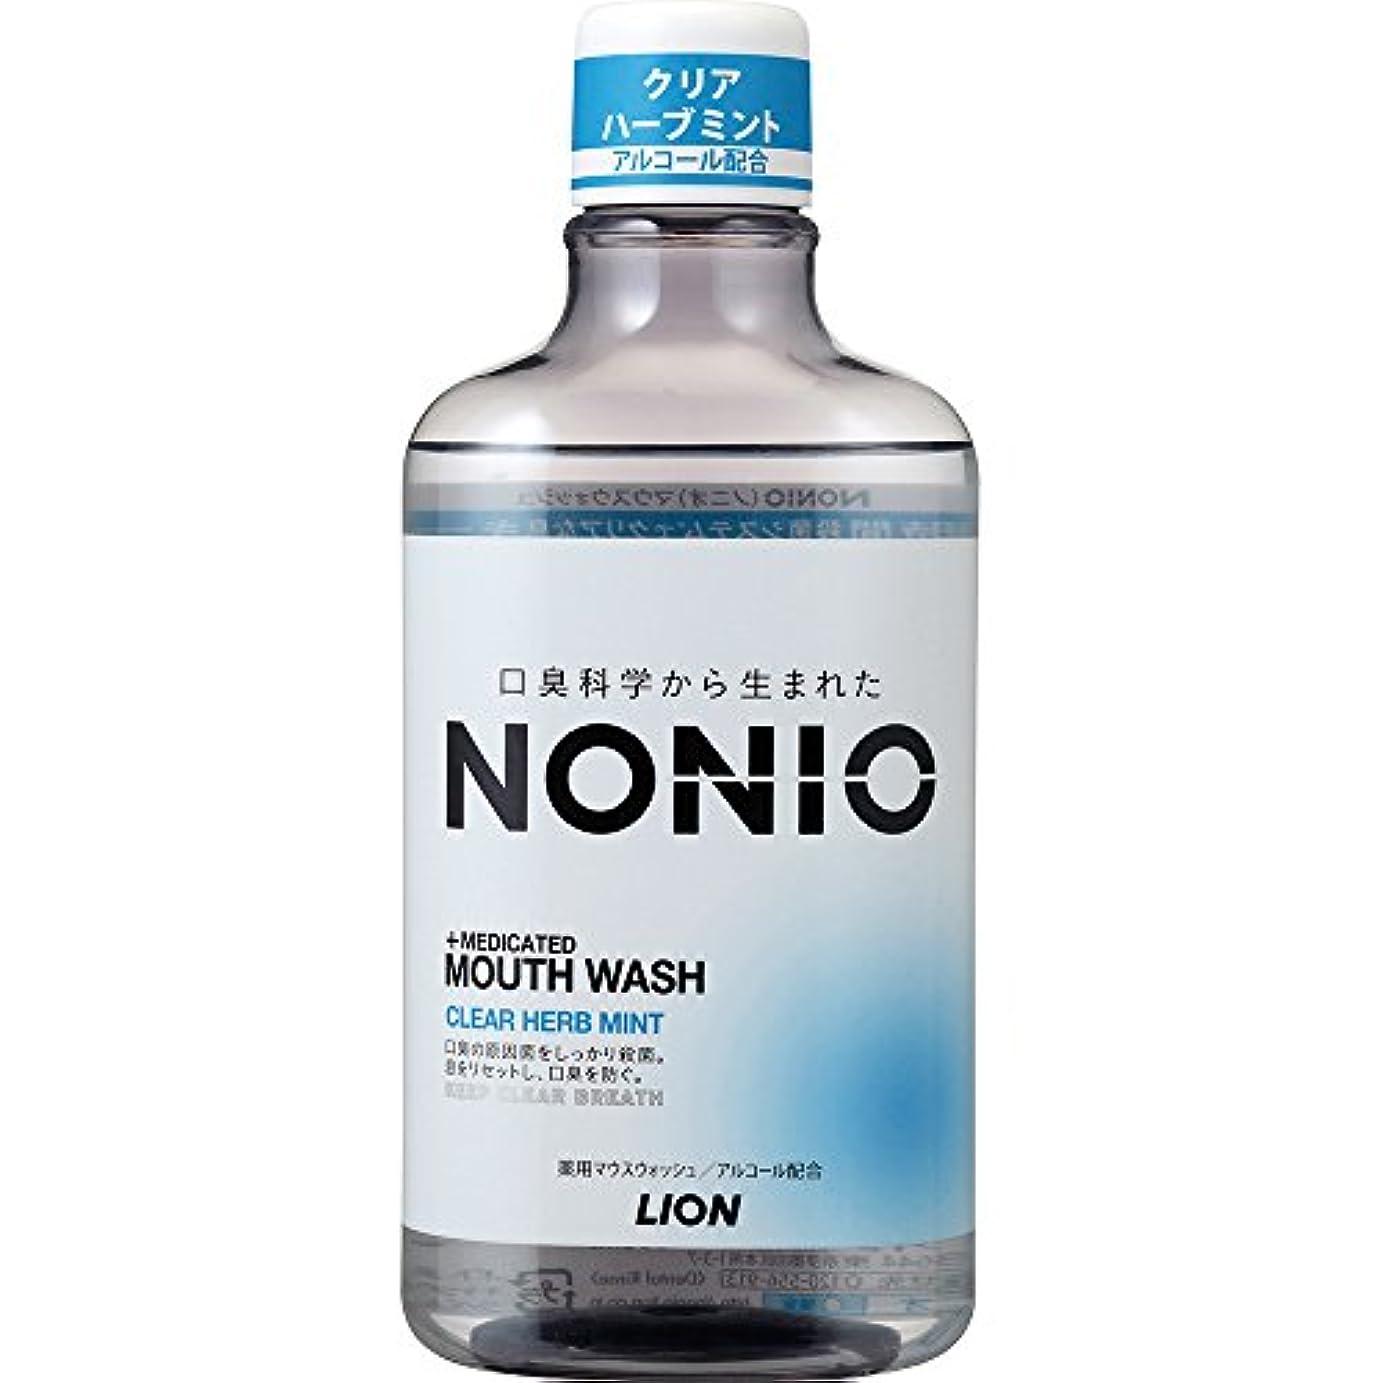 ポインタポインタ対話NONIO(ノニオ) [医薬部外品]NONIO マウスウォッシュ クリアハーブミント 洗口液 単品 600ml